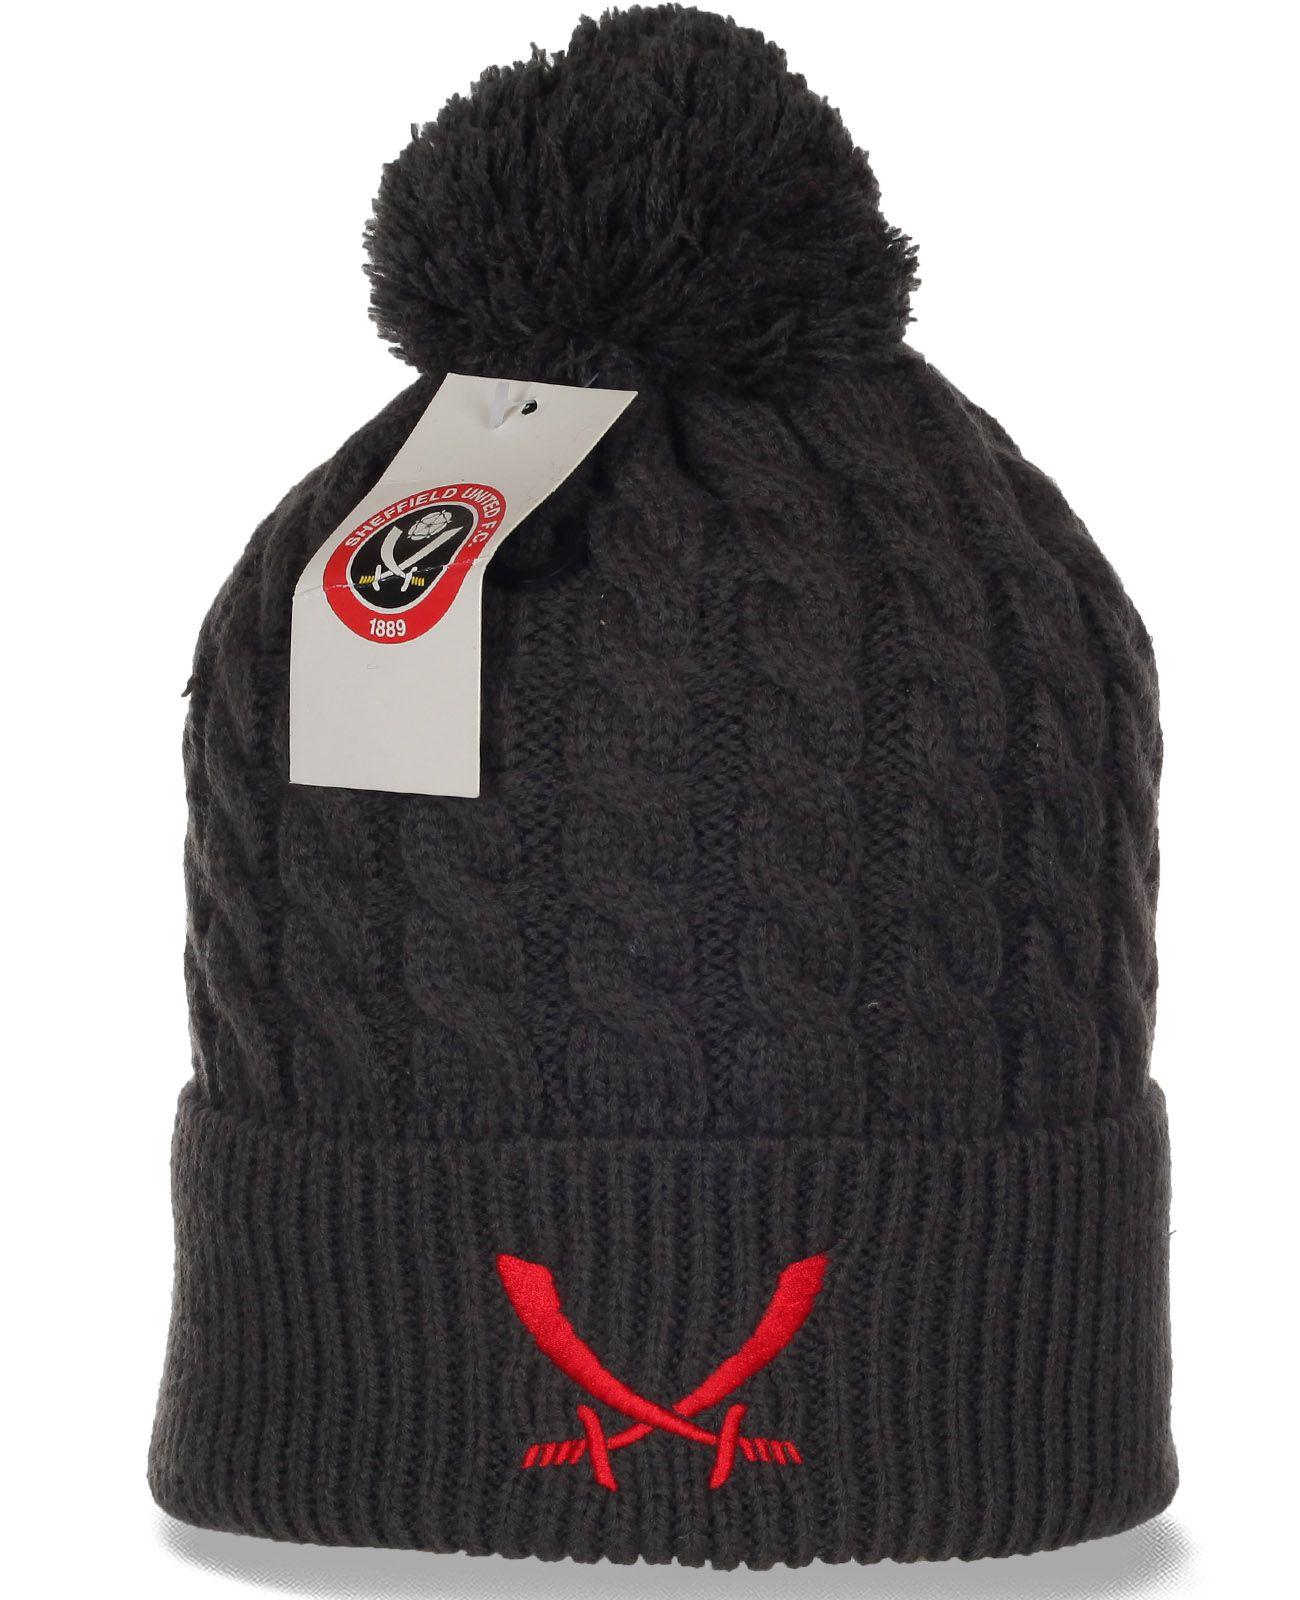 Молодежная шапка Sheffield. Теплая вязаная модель в современном дизайне